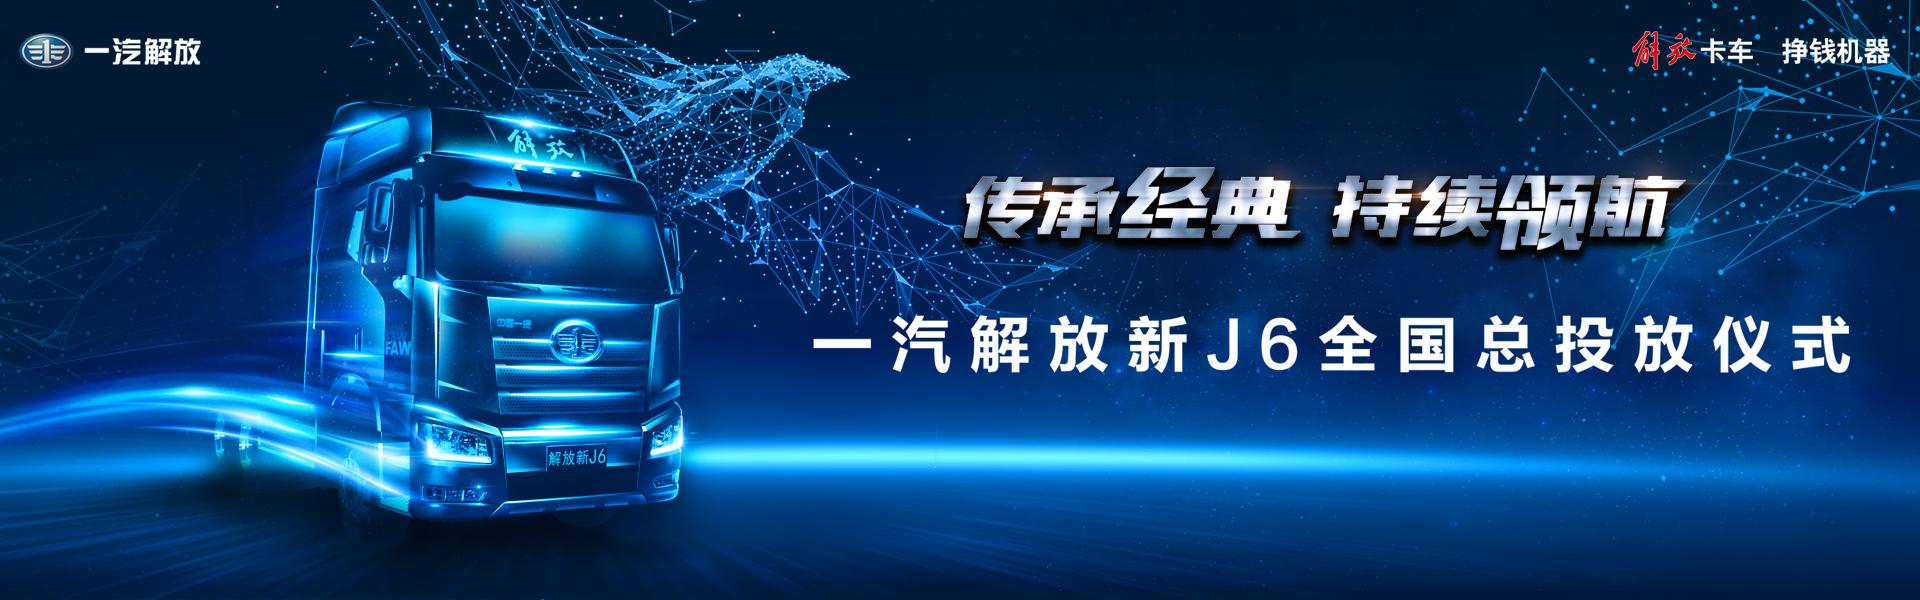 一汽解放新J6全国总投放仪式